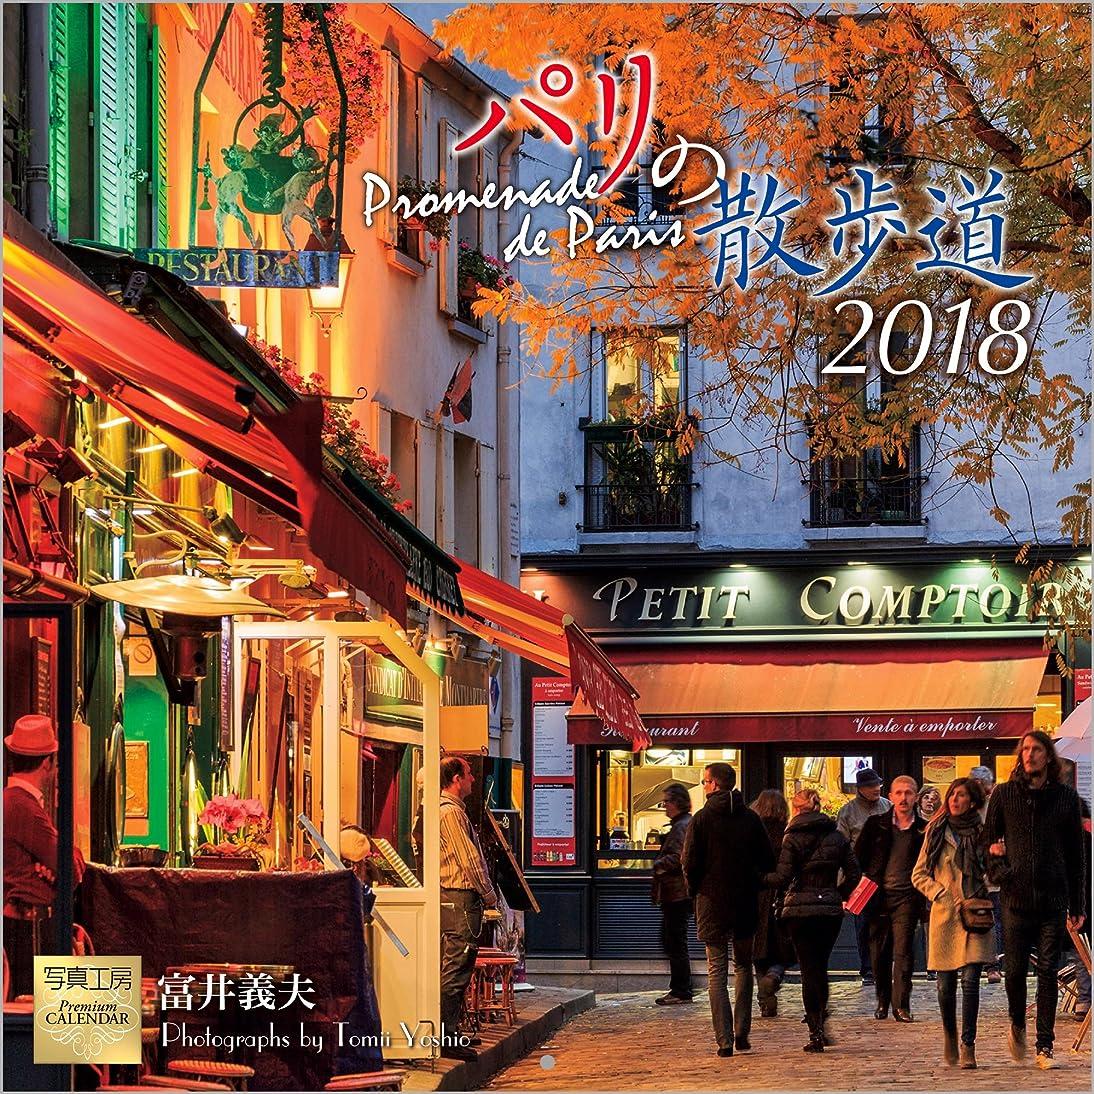 国籍水を飲む親愛なパリの散歩道 2018年 カレンダー 壁掛け D-4 (使用サイズ 594×297mm)